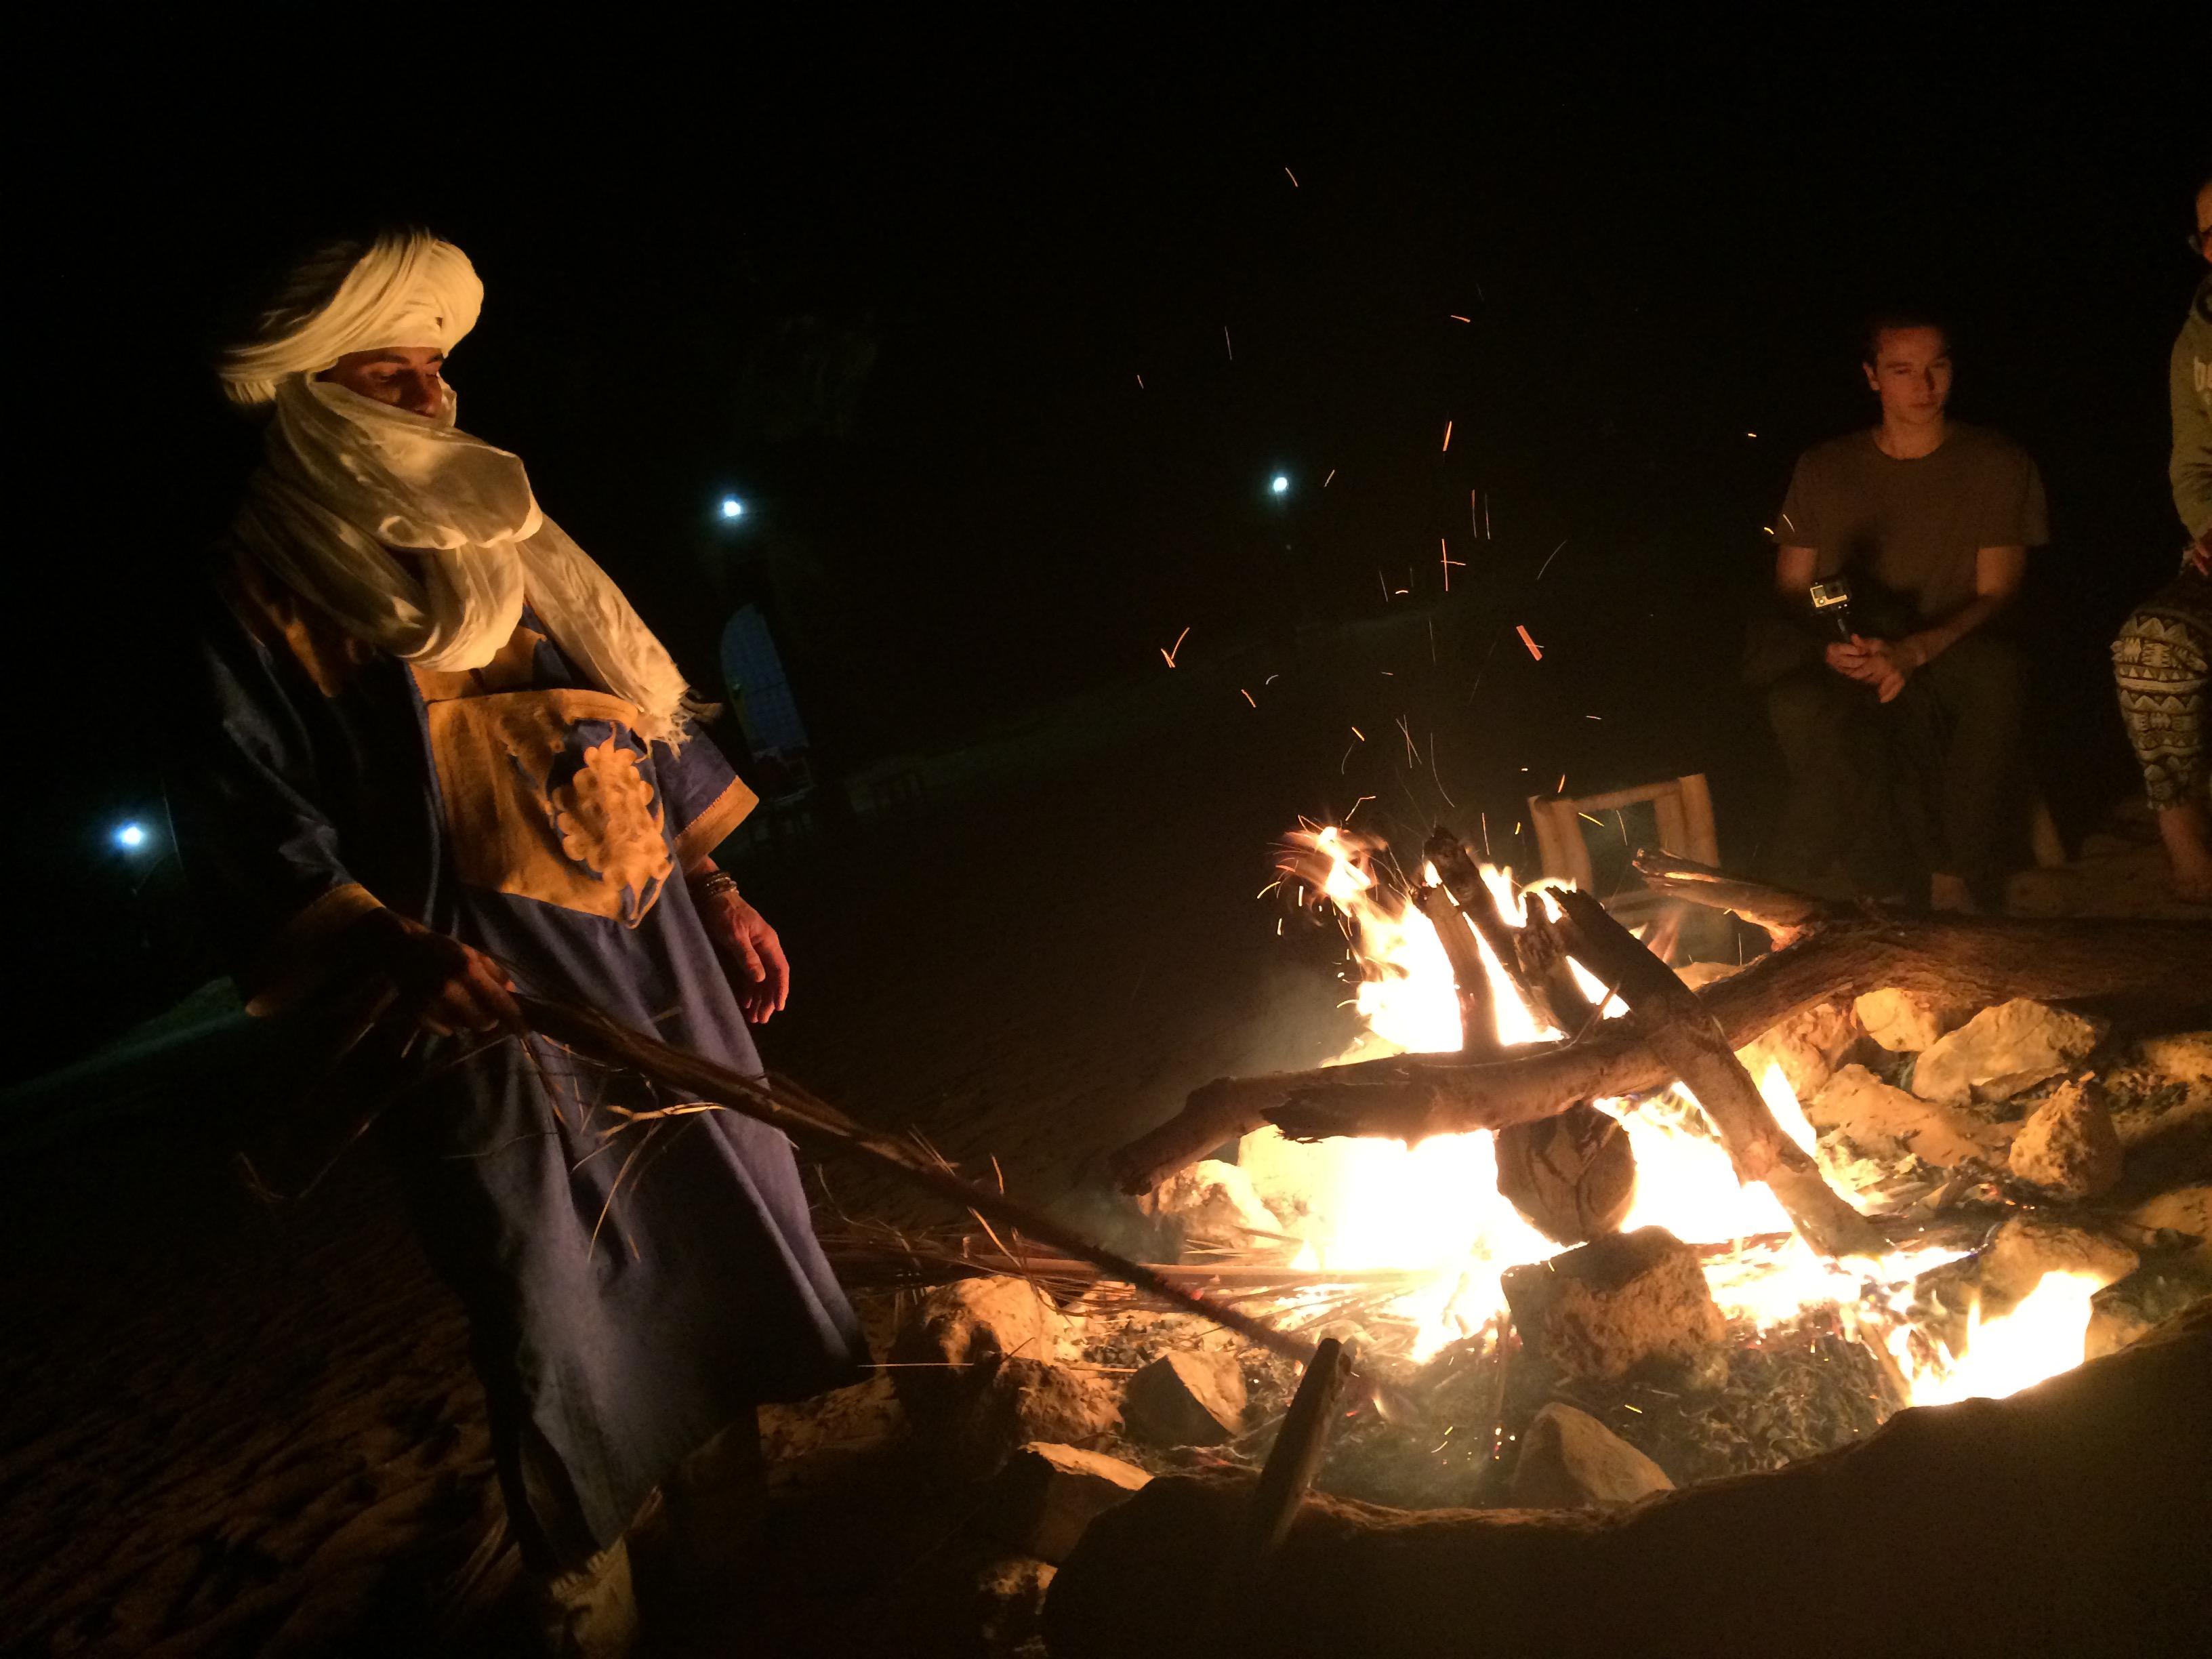 fogueira_deserto_marrocos.JPG